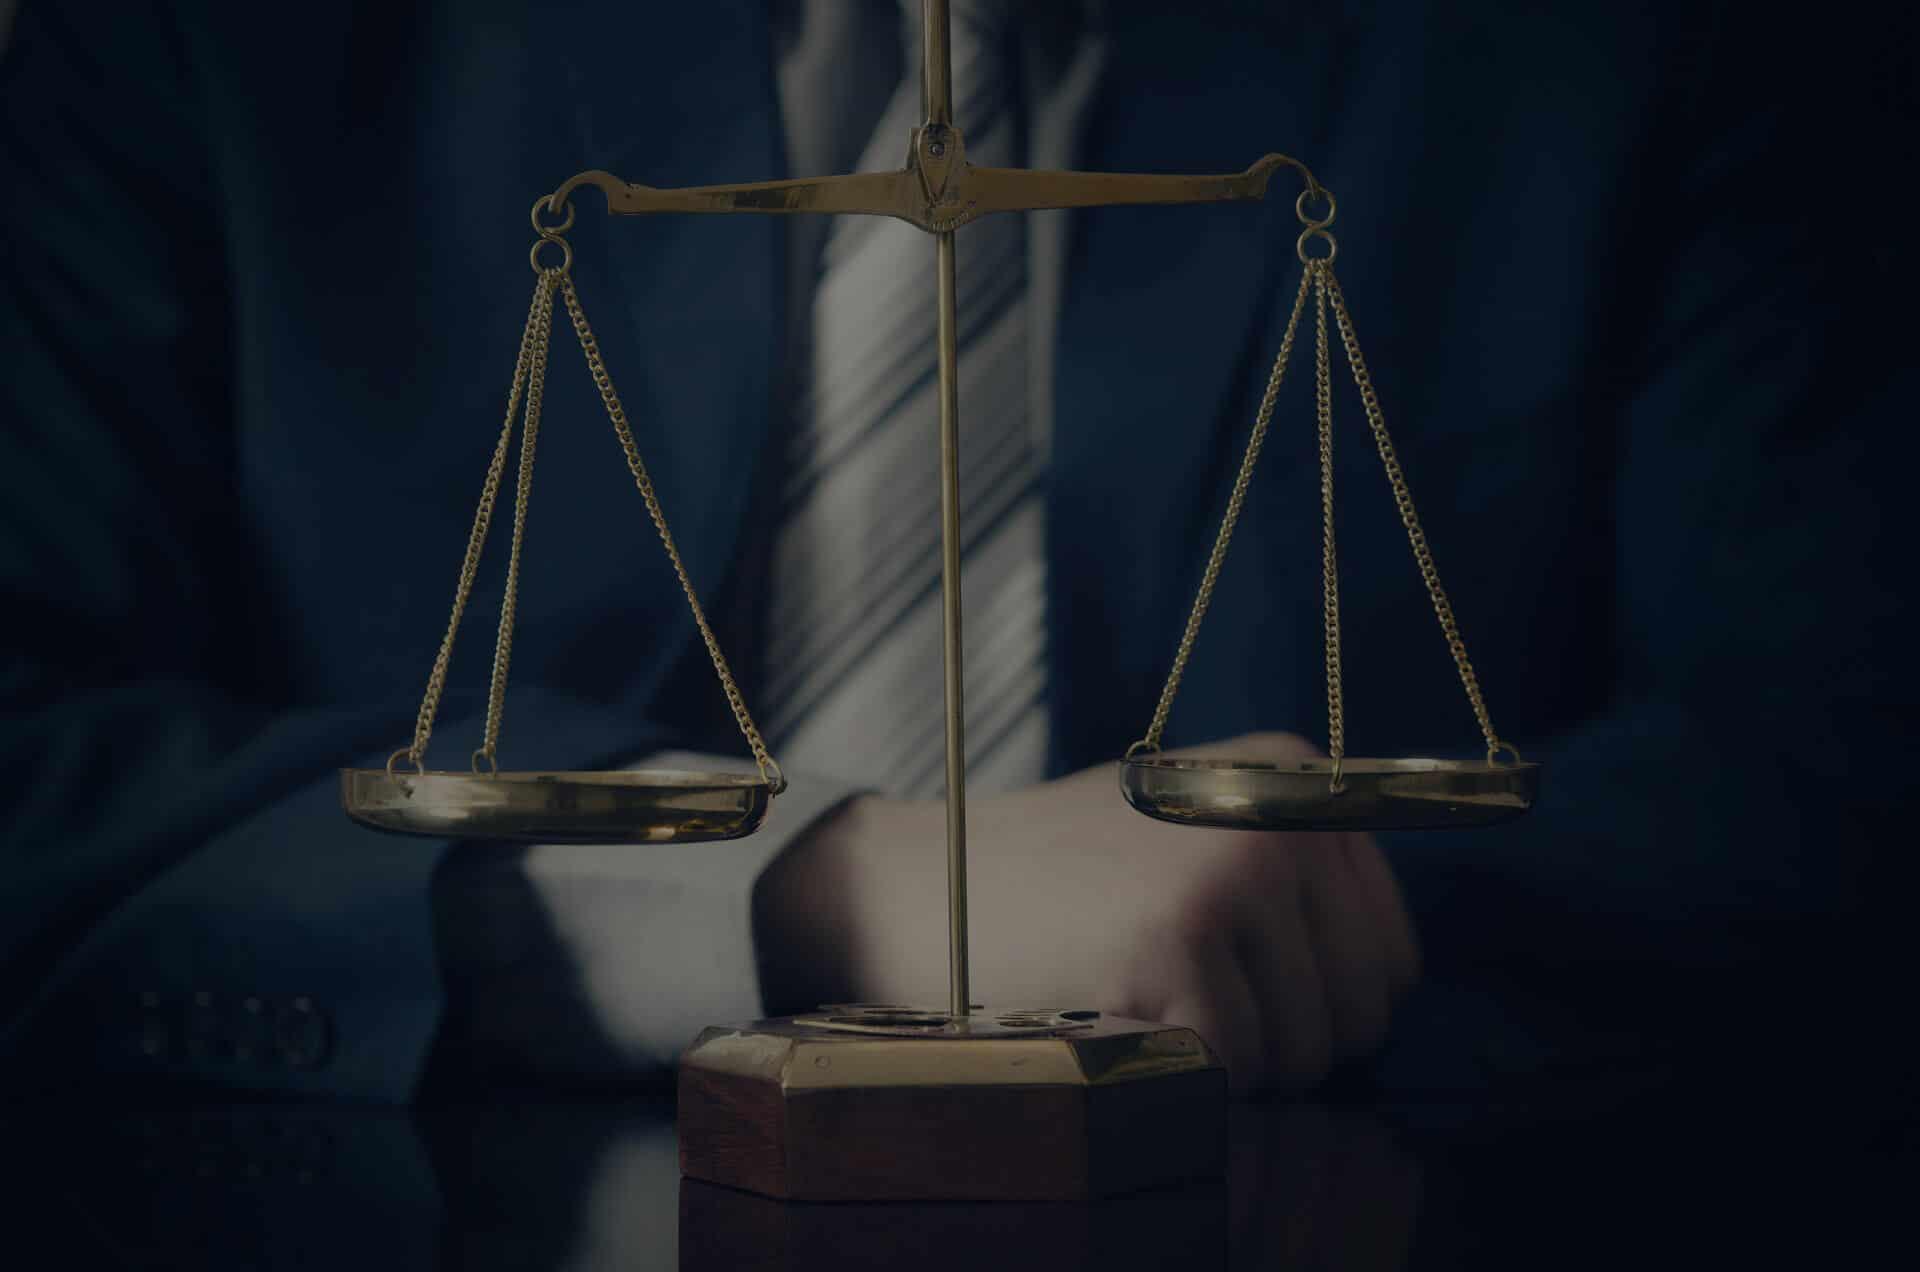 עורך דין פלילי - ייצוג משפטי פלילי מקצועי ויצירתי